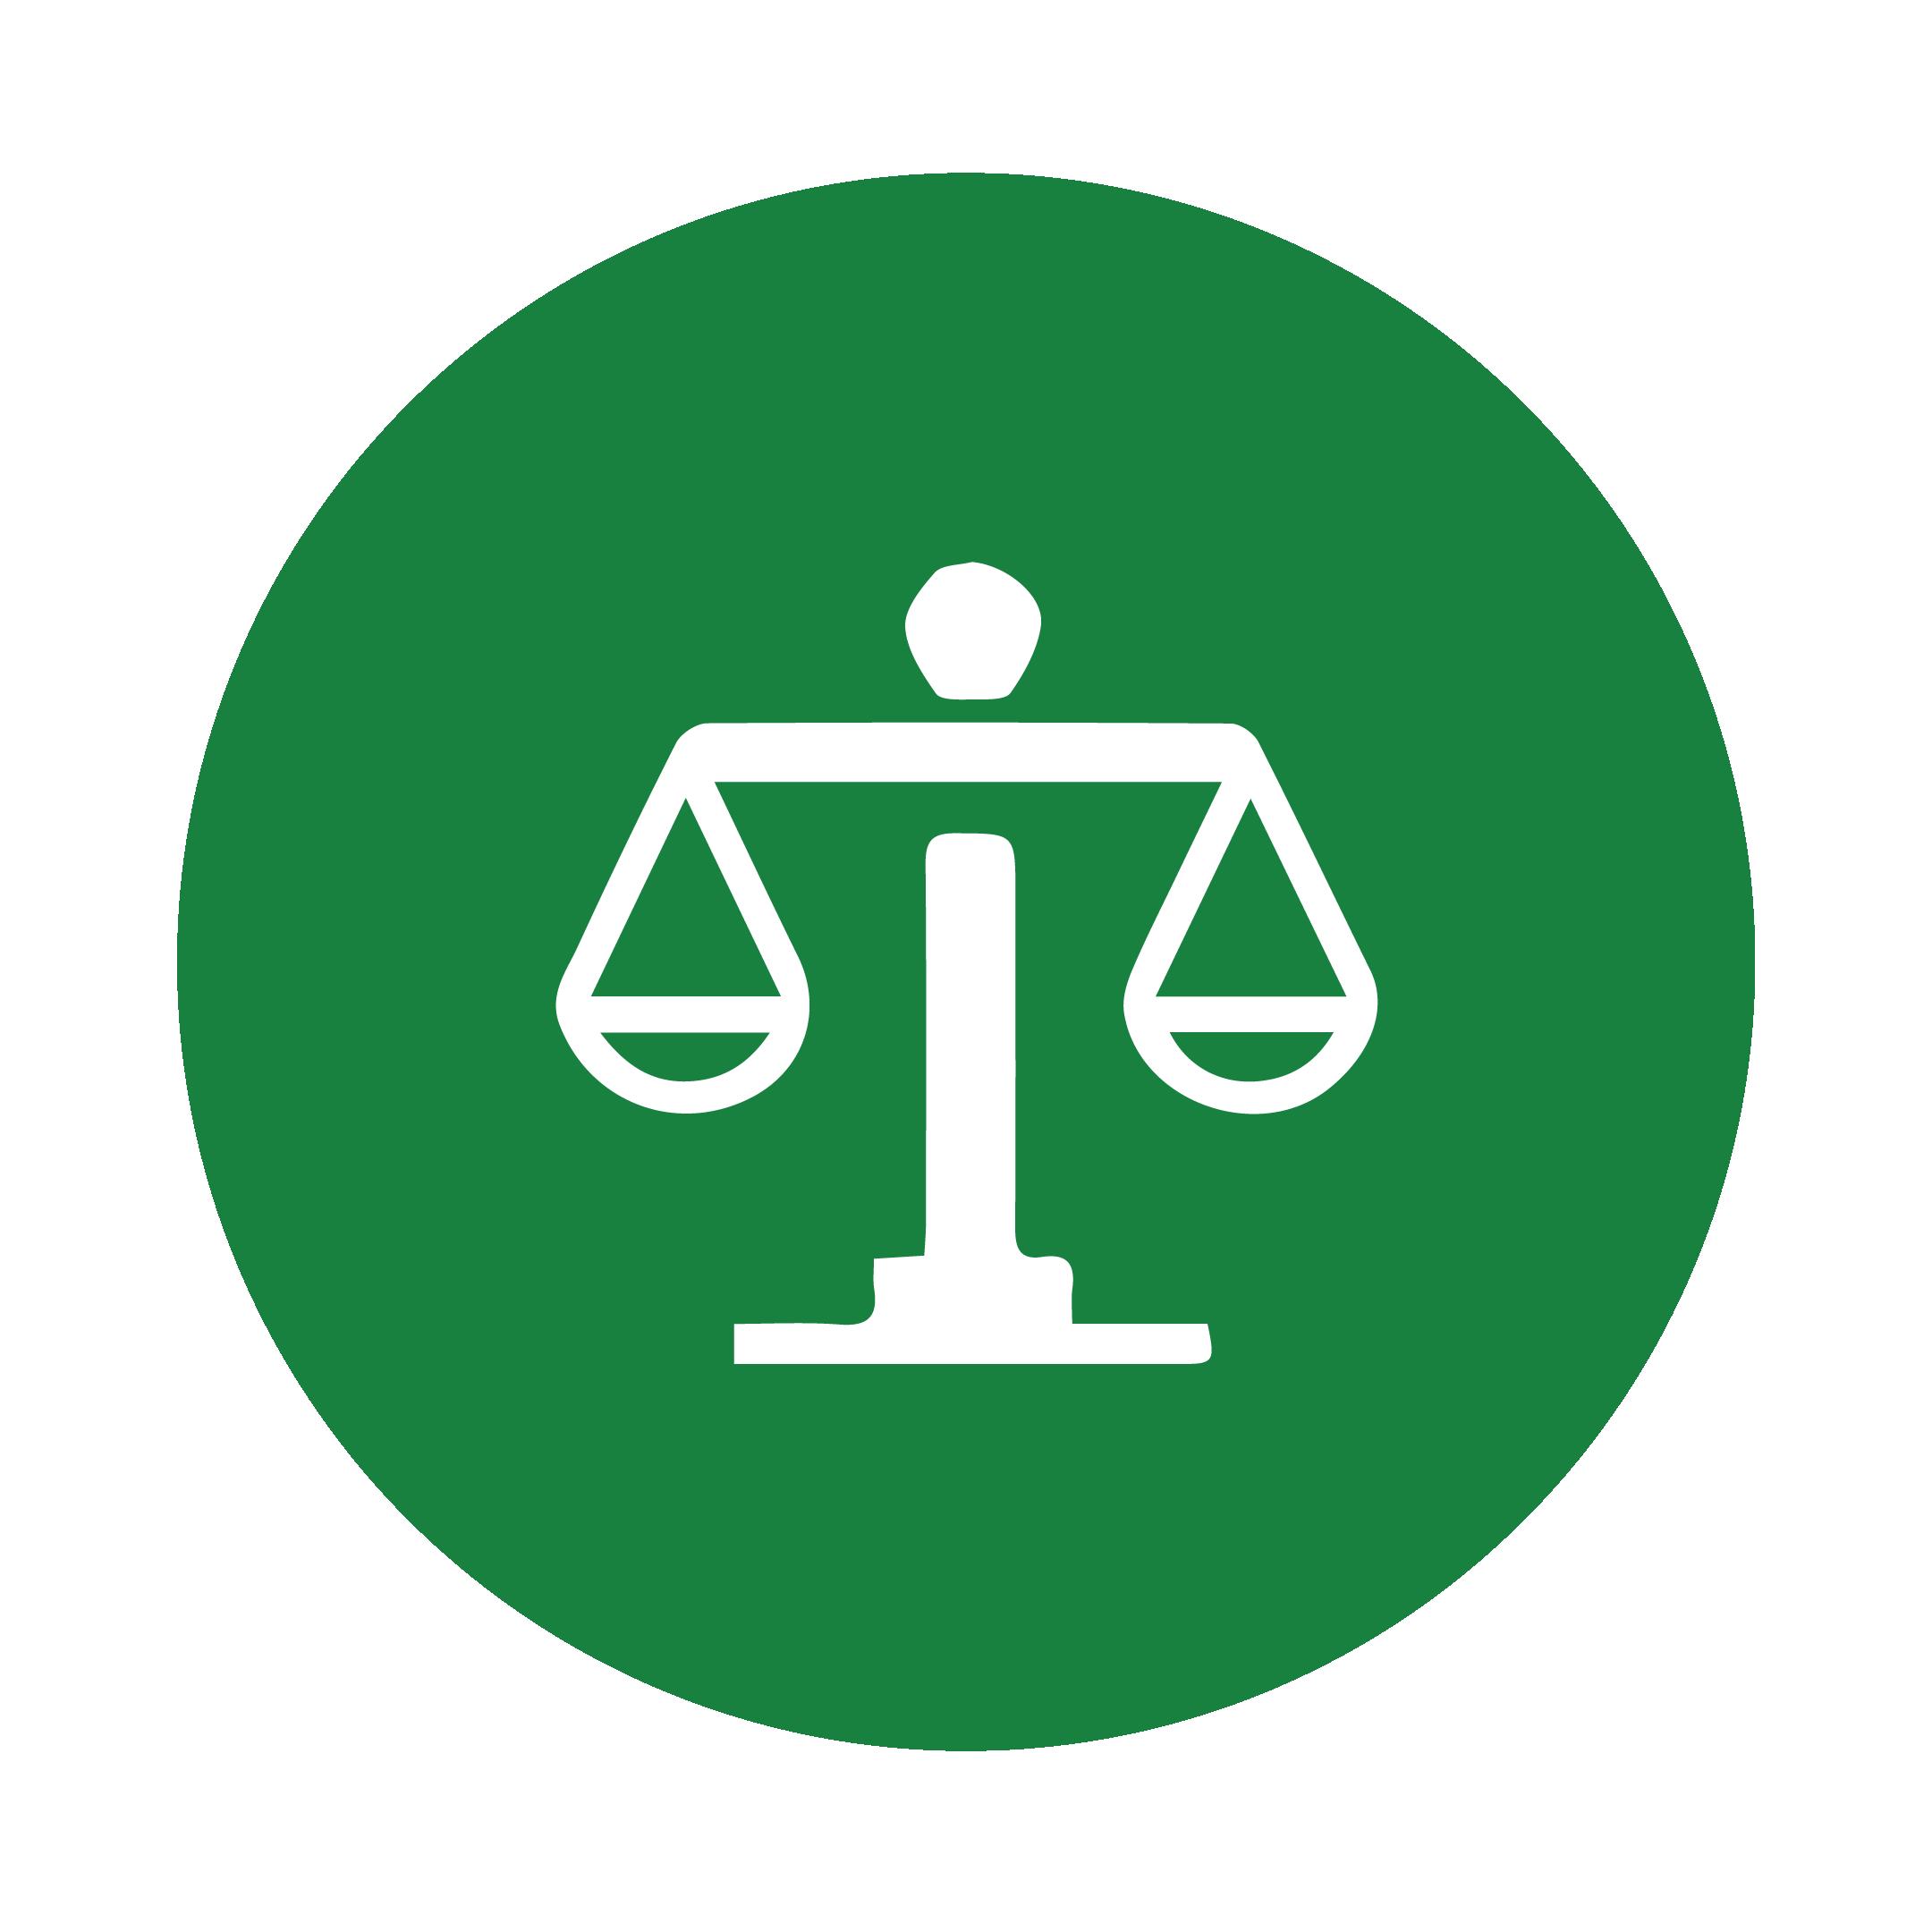 Contamos con un equipo de abogados expertos, los cuales son puestos a disposición de nuestros clientes y público en general, para la asesoría jurídica en temas como cobro de cartera, recuperación de inmuebles en arriendo, procesos ejecutivos, sucesiones notariales, restitución de inmueble y legalización de construcciones.